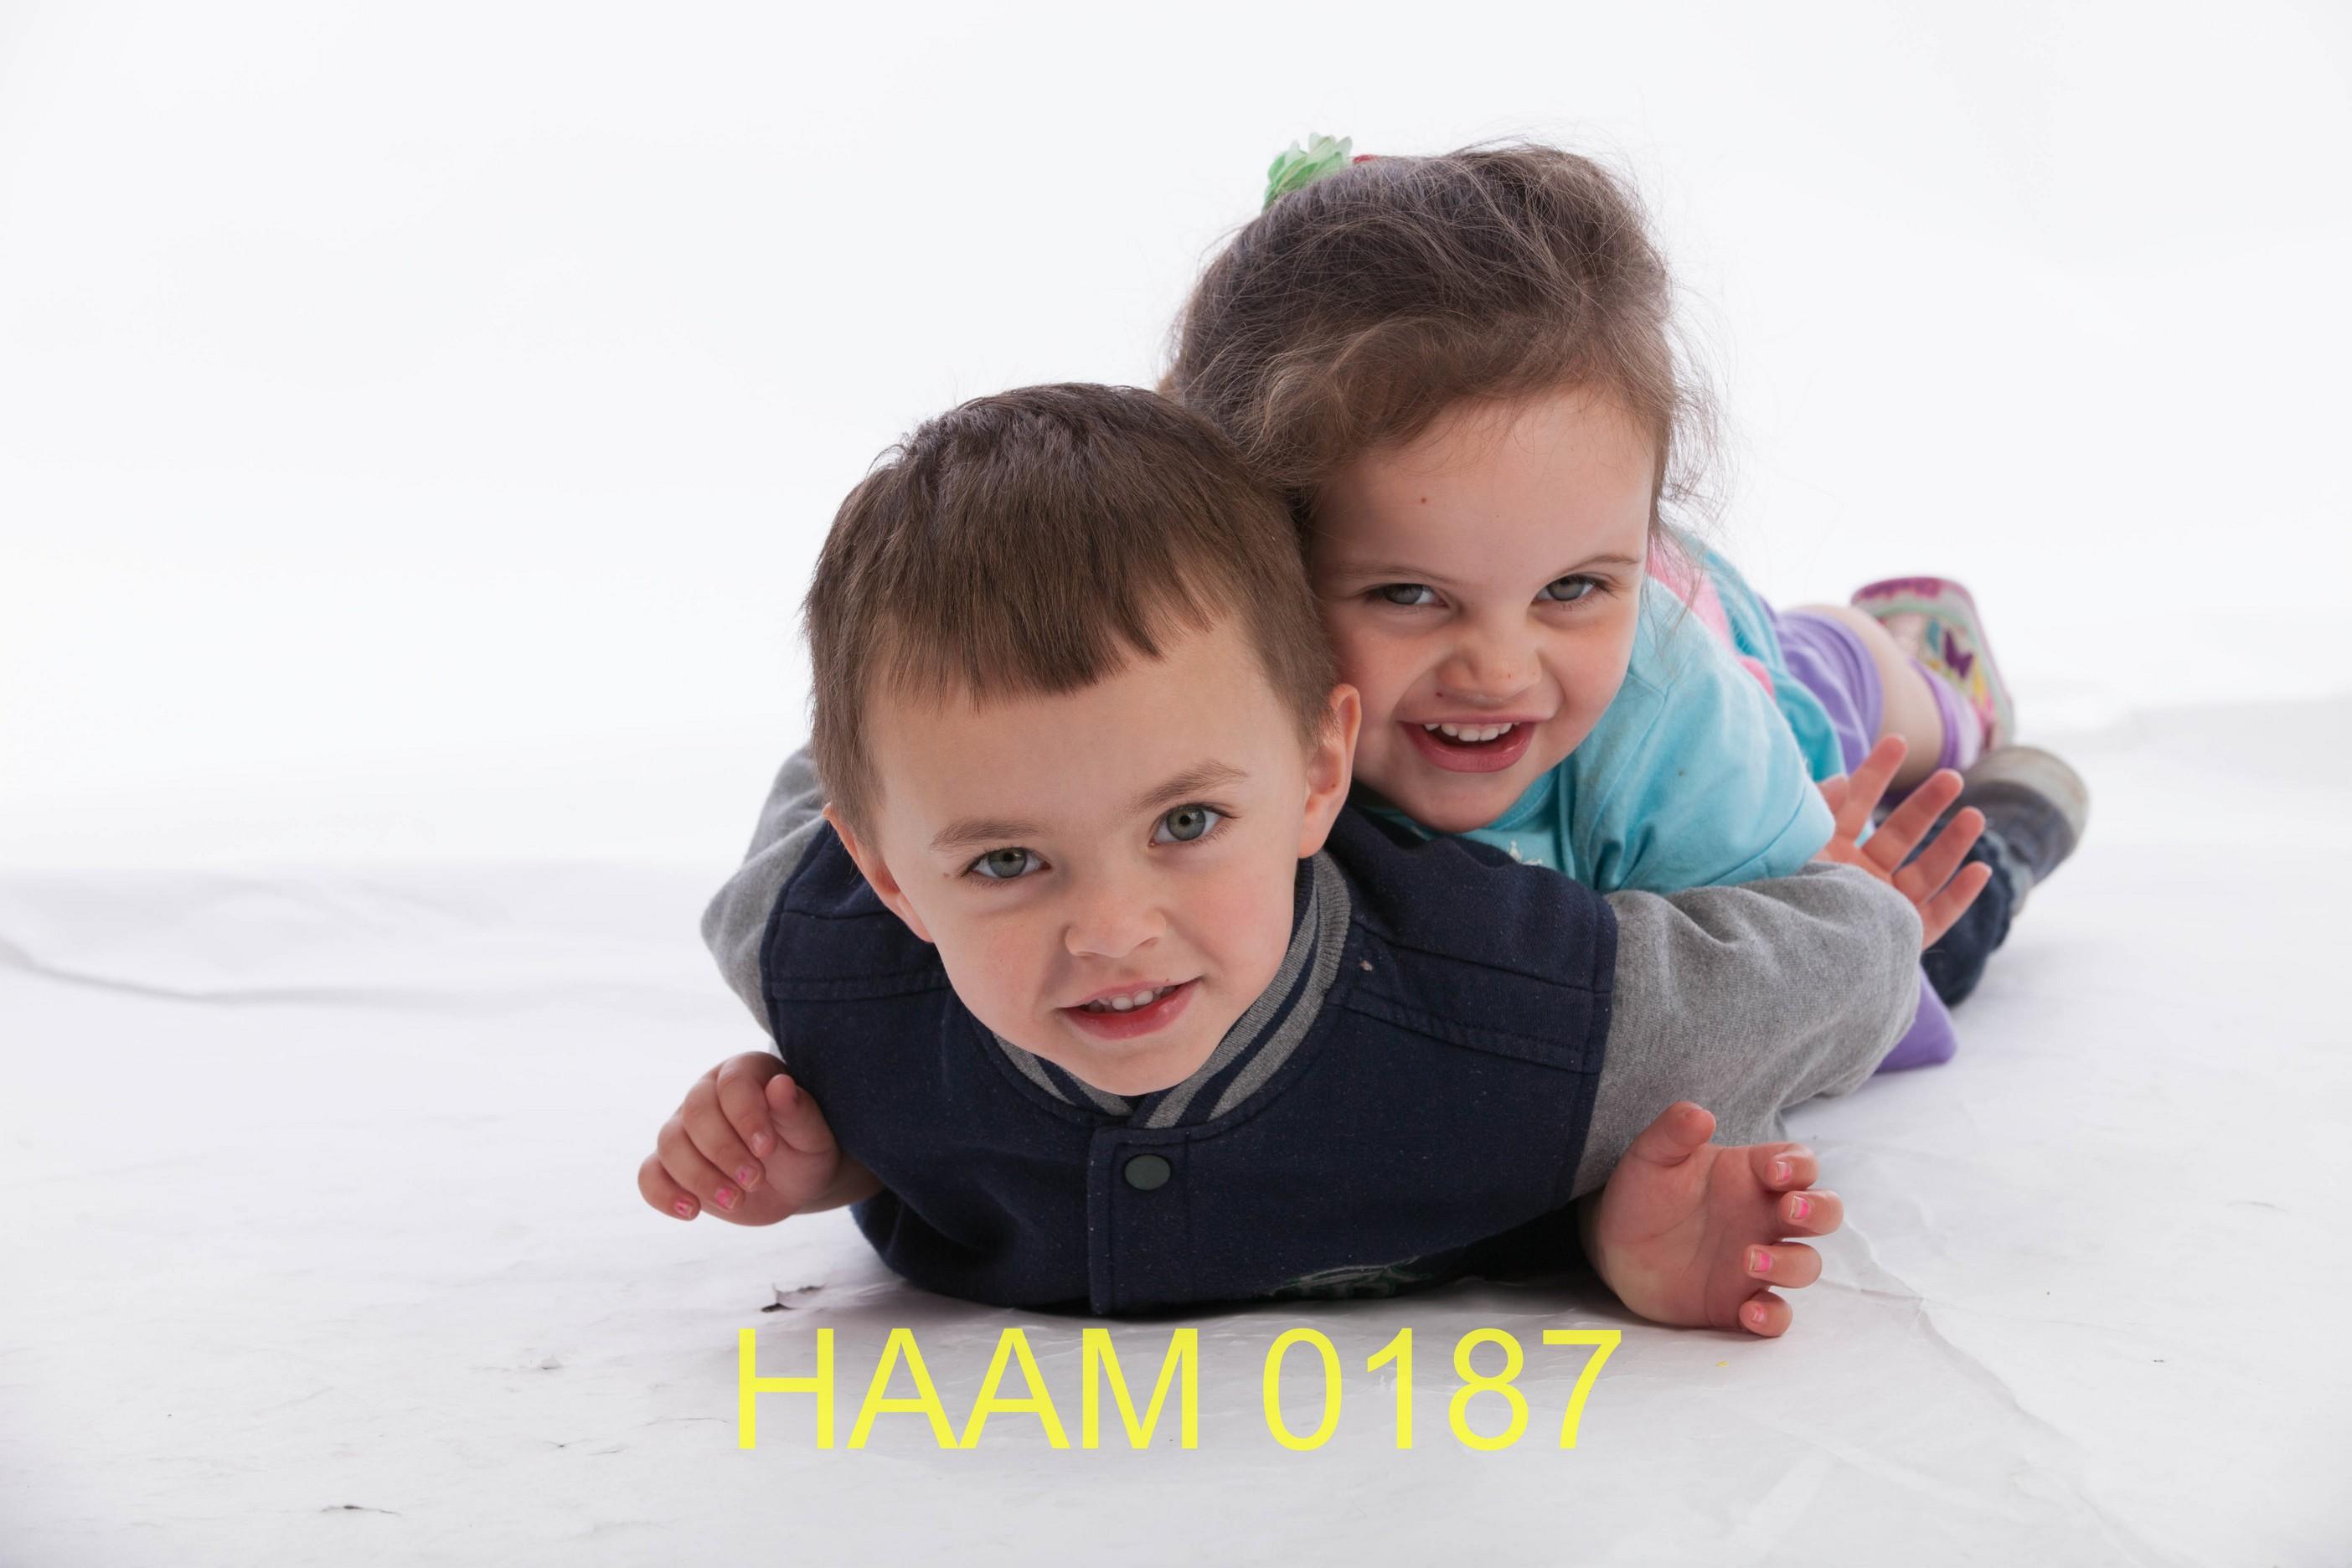 HAAM 0187